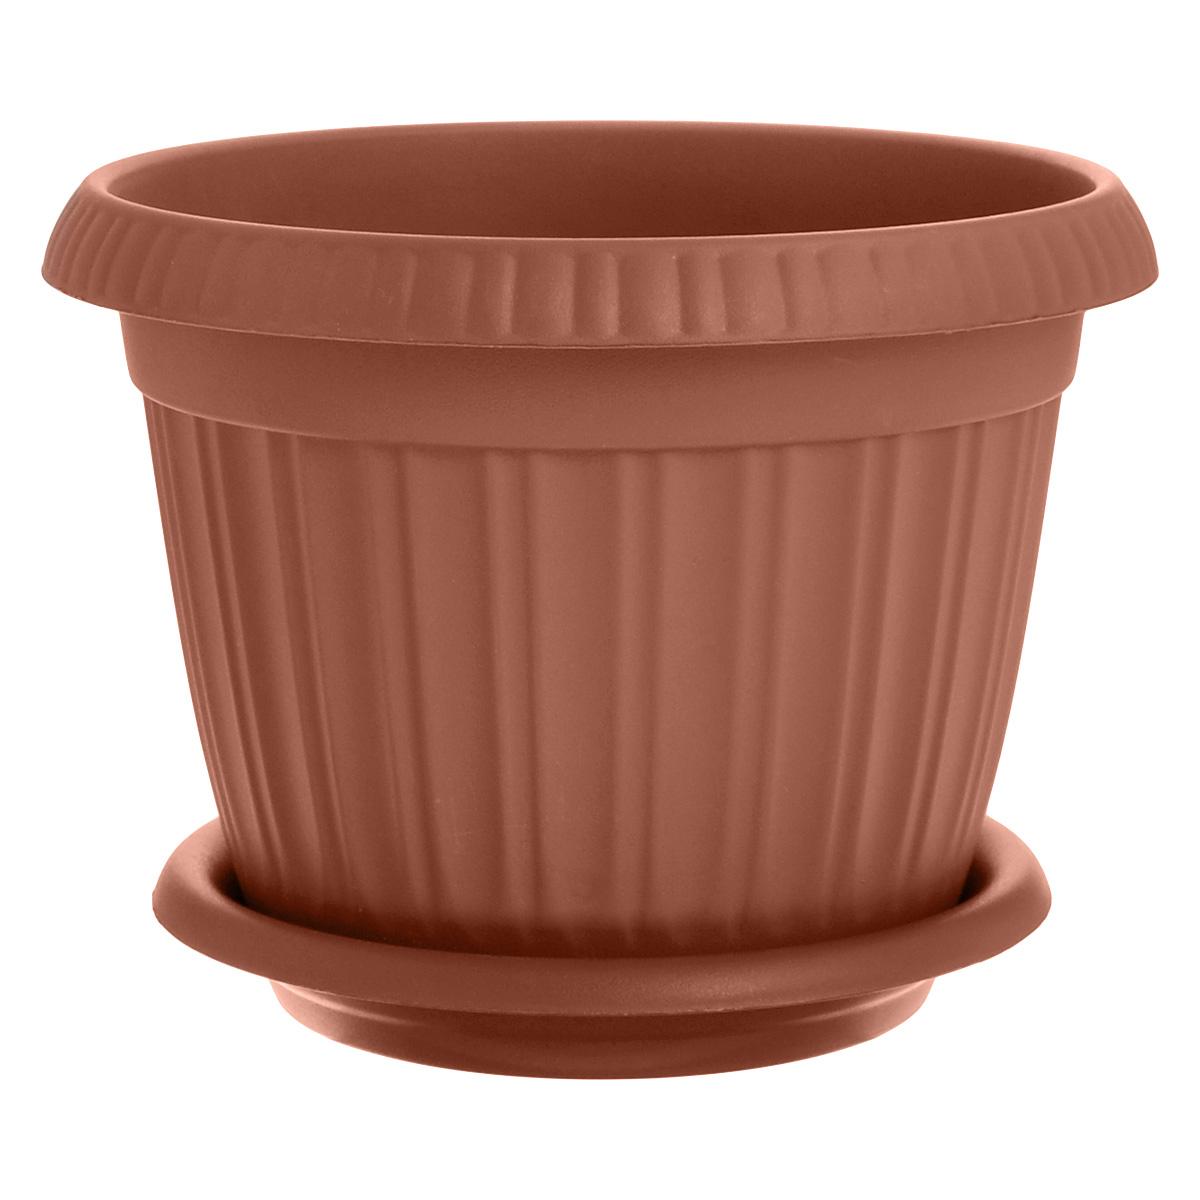 Горшок для цветов InGreen Таити, с подставкой, цвет: коричневый, диаметр 23 смGPR10-06-PГоршок InGreen Таити выполнен из высококачественного полипропилена (пластика) и предназначен для выращивания цветов, растений и трав. Снабжен подставкой для стока воды. Такой горшок порадует вас функциональностью, а благодаря лаконичному дизайну впишется в любой интерьер помещения. Диаметр горшка по верхнему краю: 23 см.Высота горшка: 17,5 см.Диаметр подставки: 19 см.